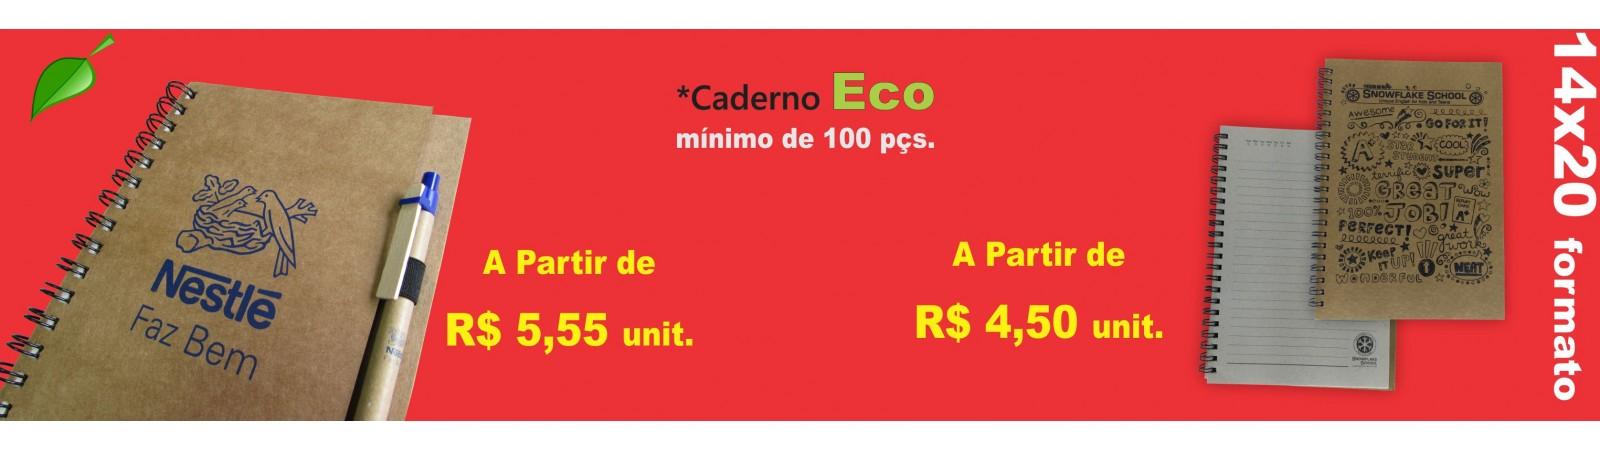 Caderno Eco